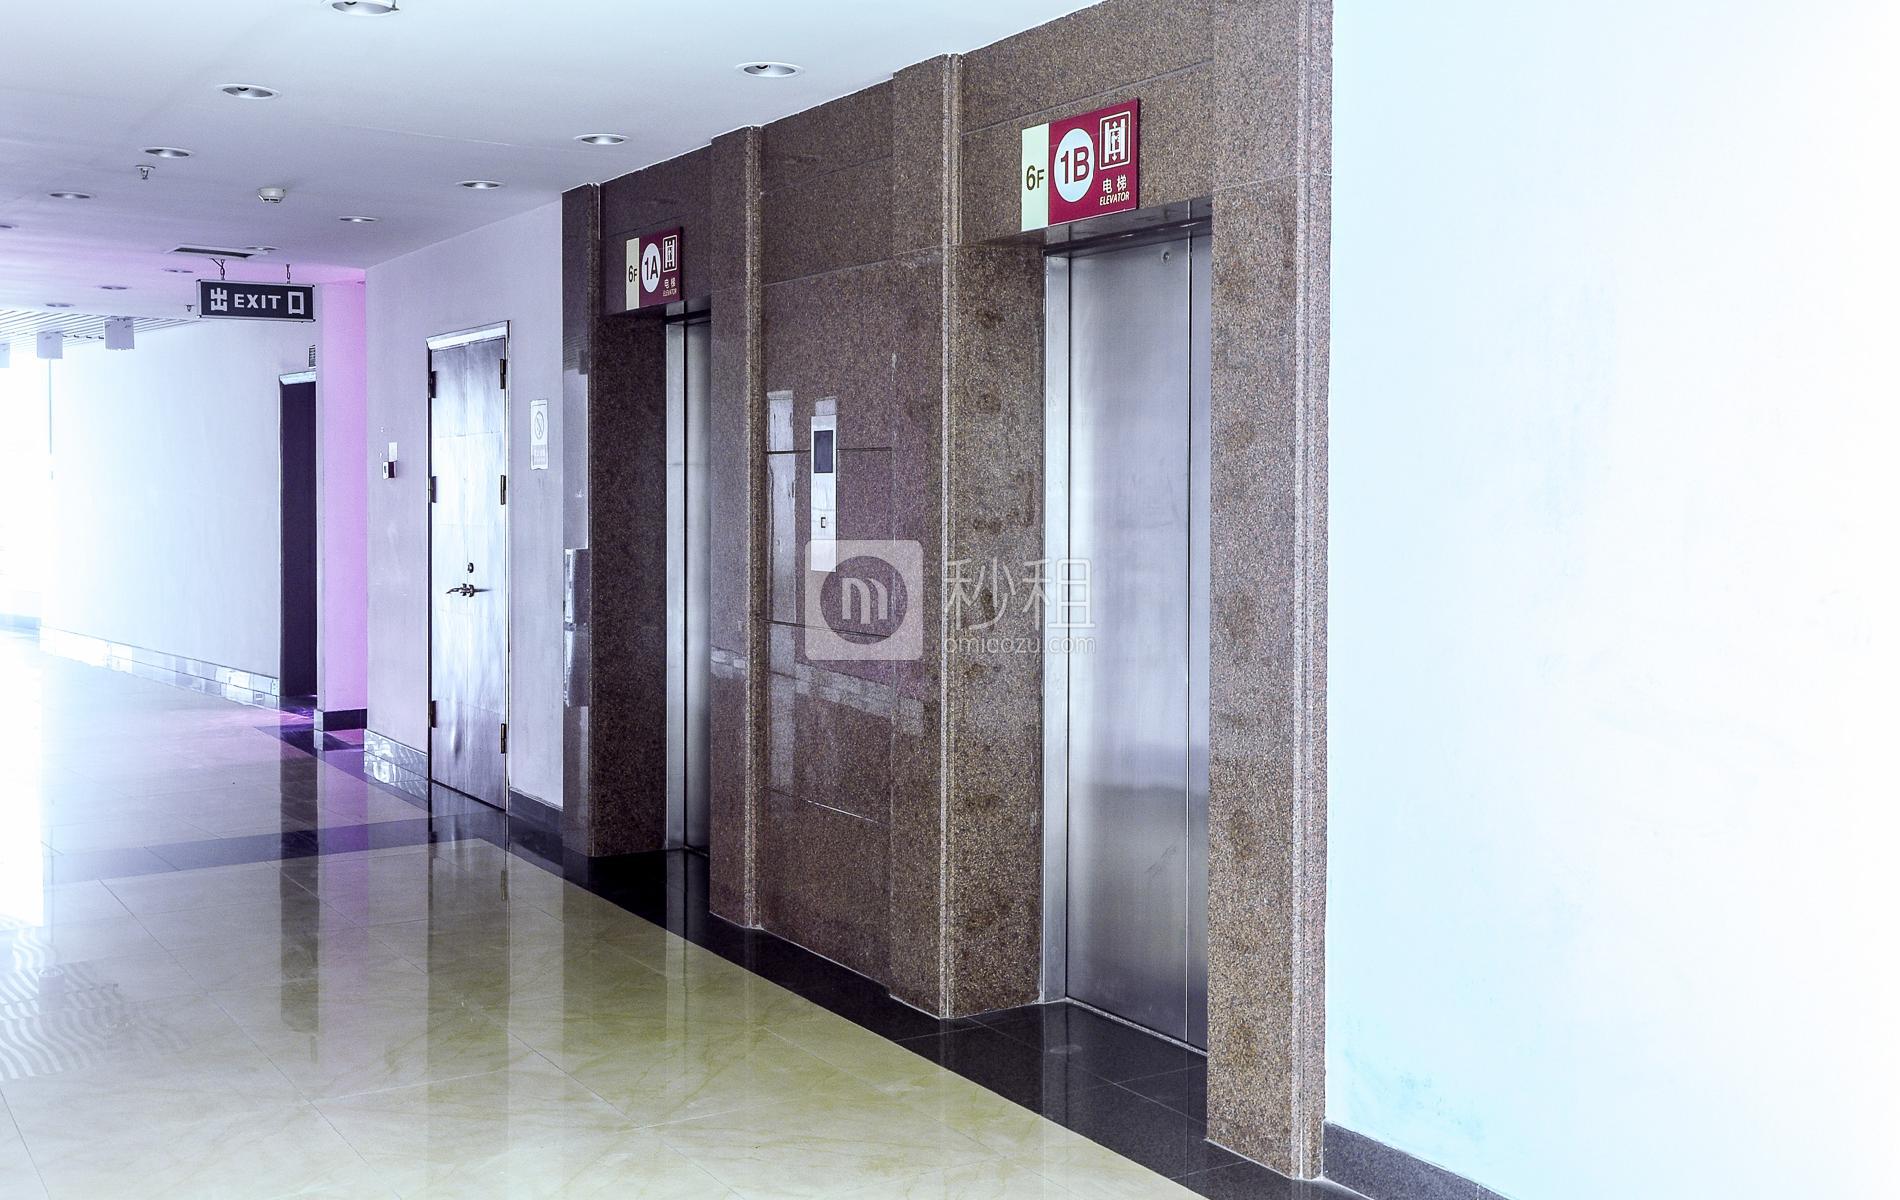 奥腾汇写字楼出租/招租/租赁,奥腾汇办公室出租/招租/租赁